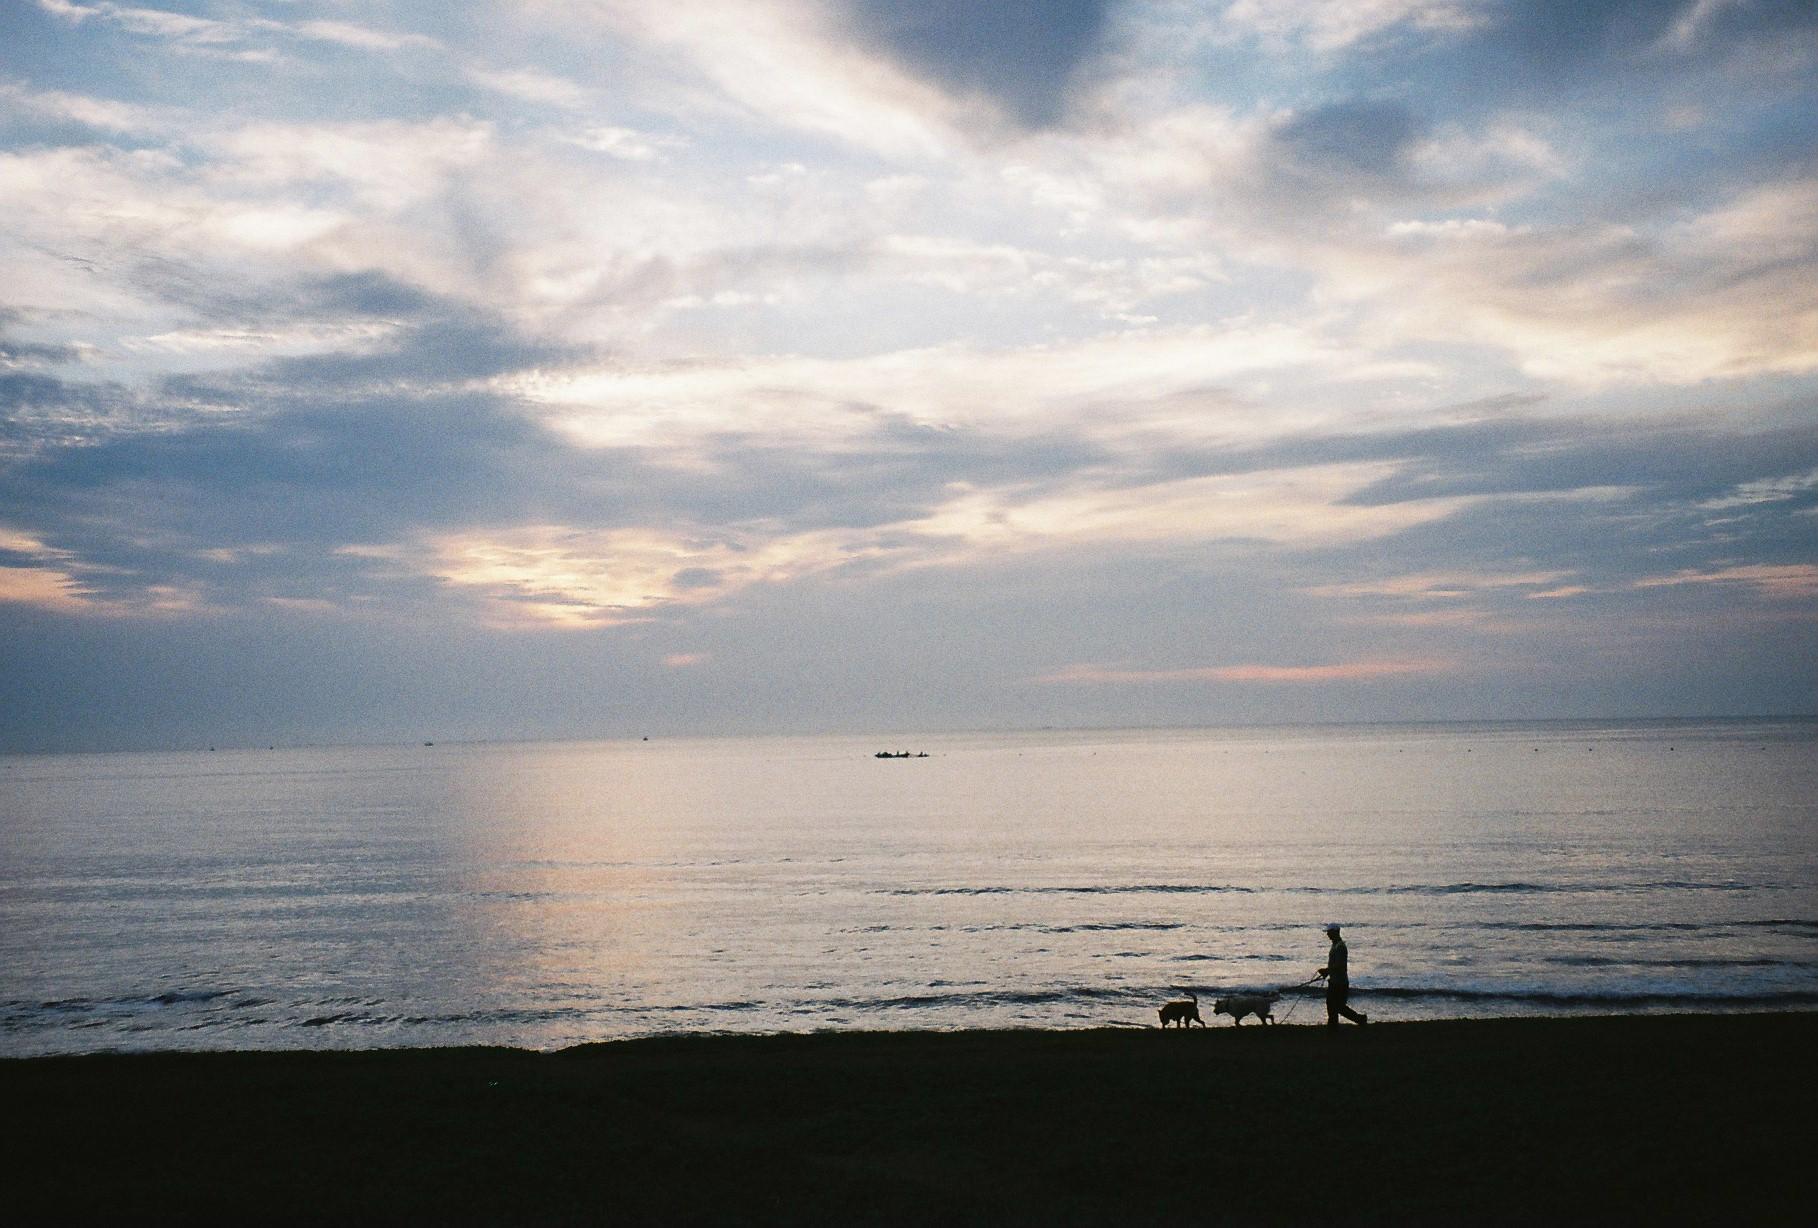 내가 경험한 모든 것이 모여 있는 바다 - 제주도 ...